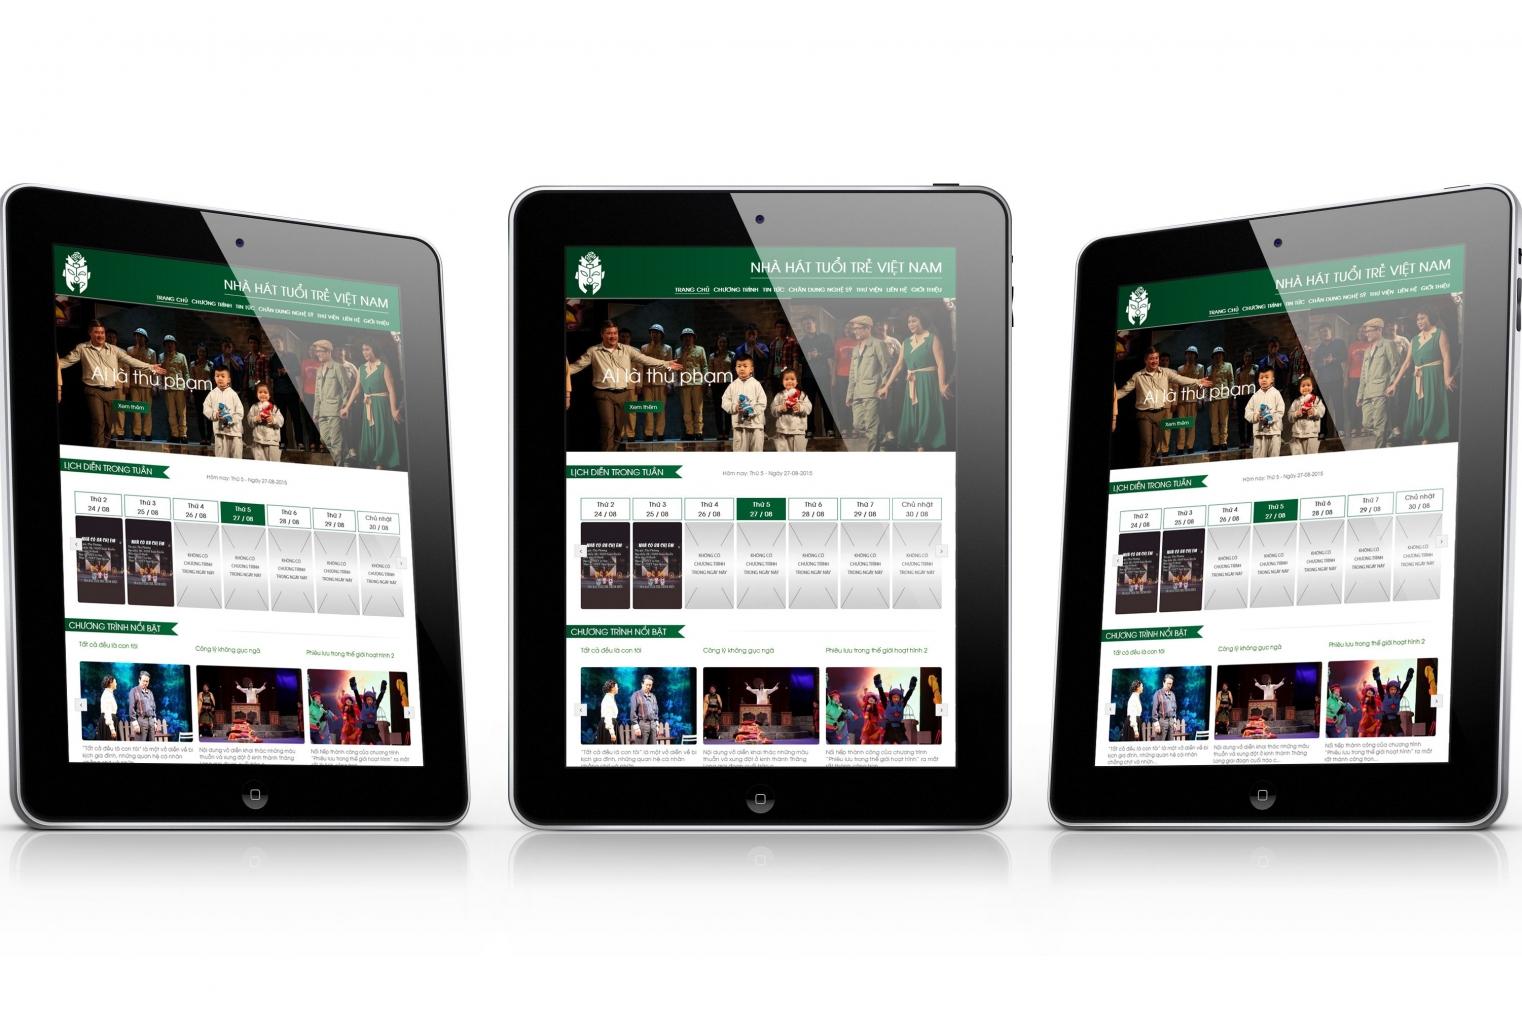 thiết kế website nhà hát tuổi trẻ